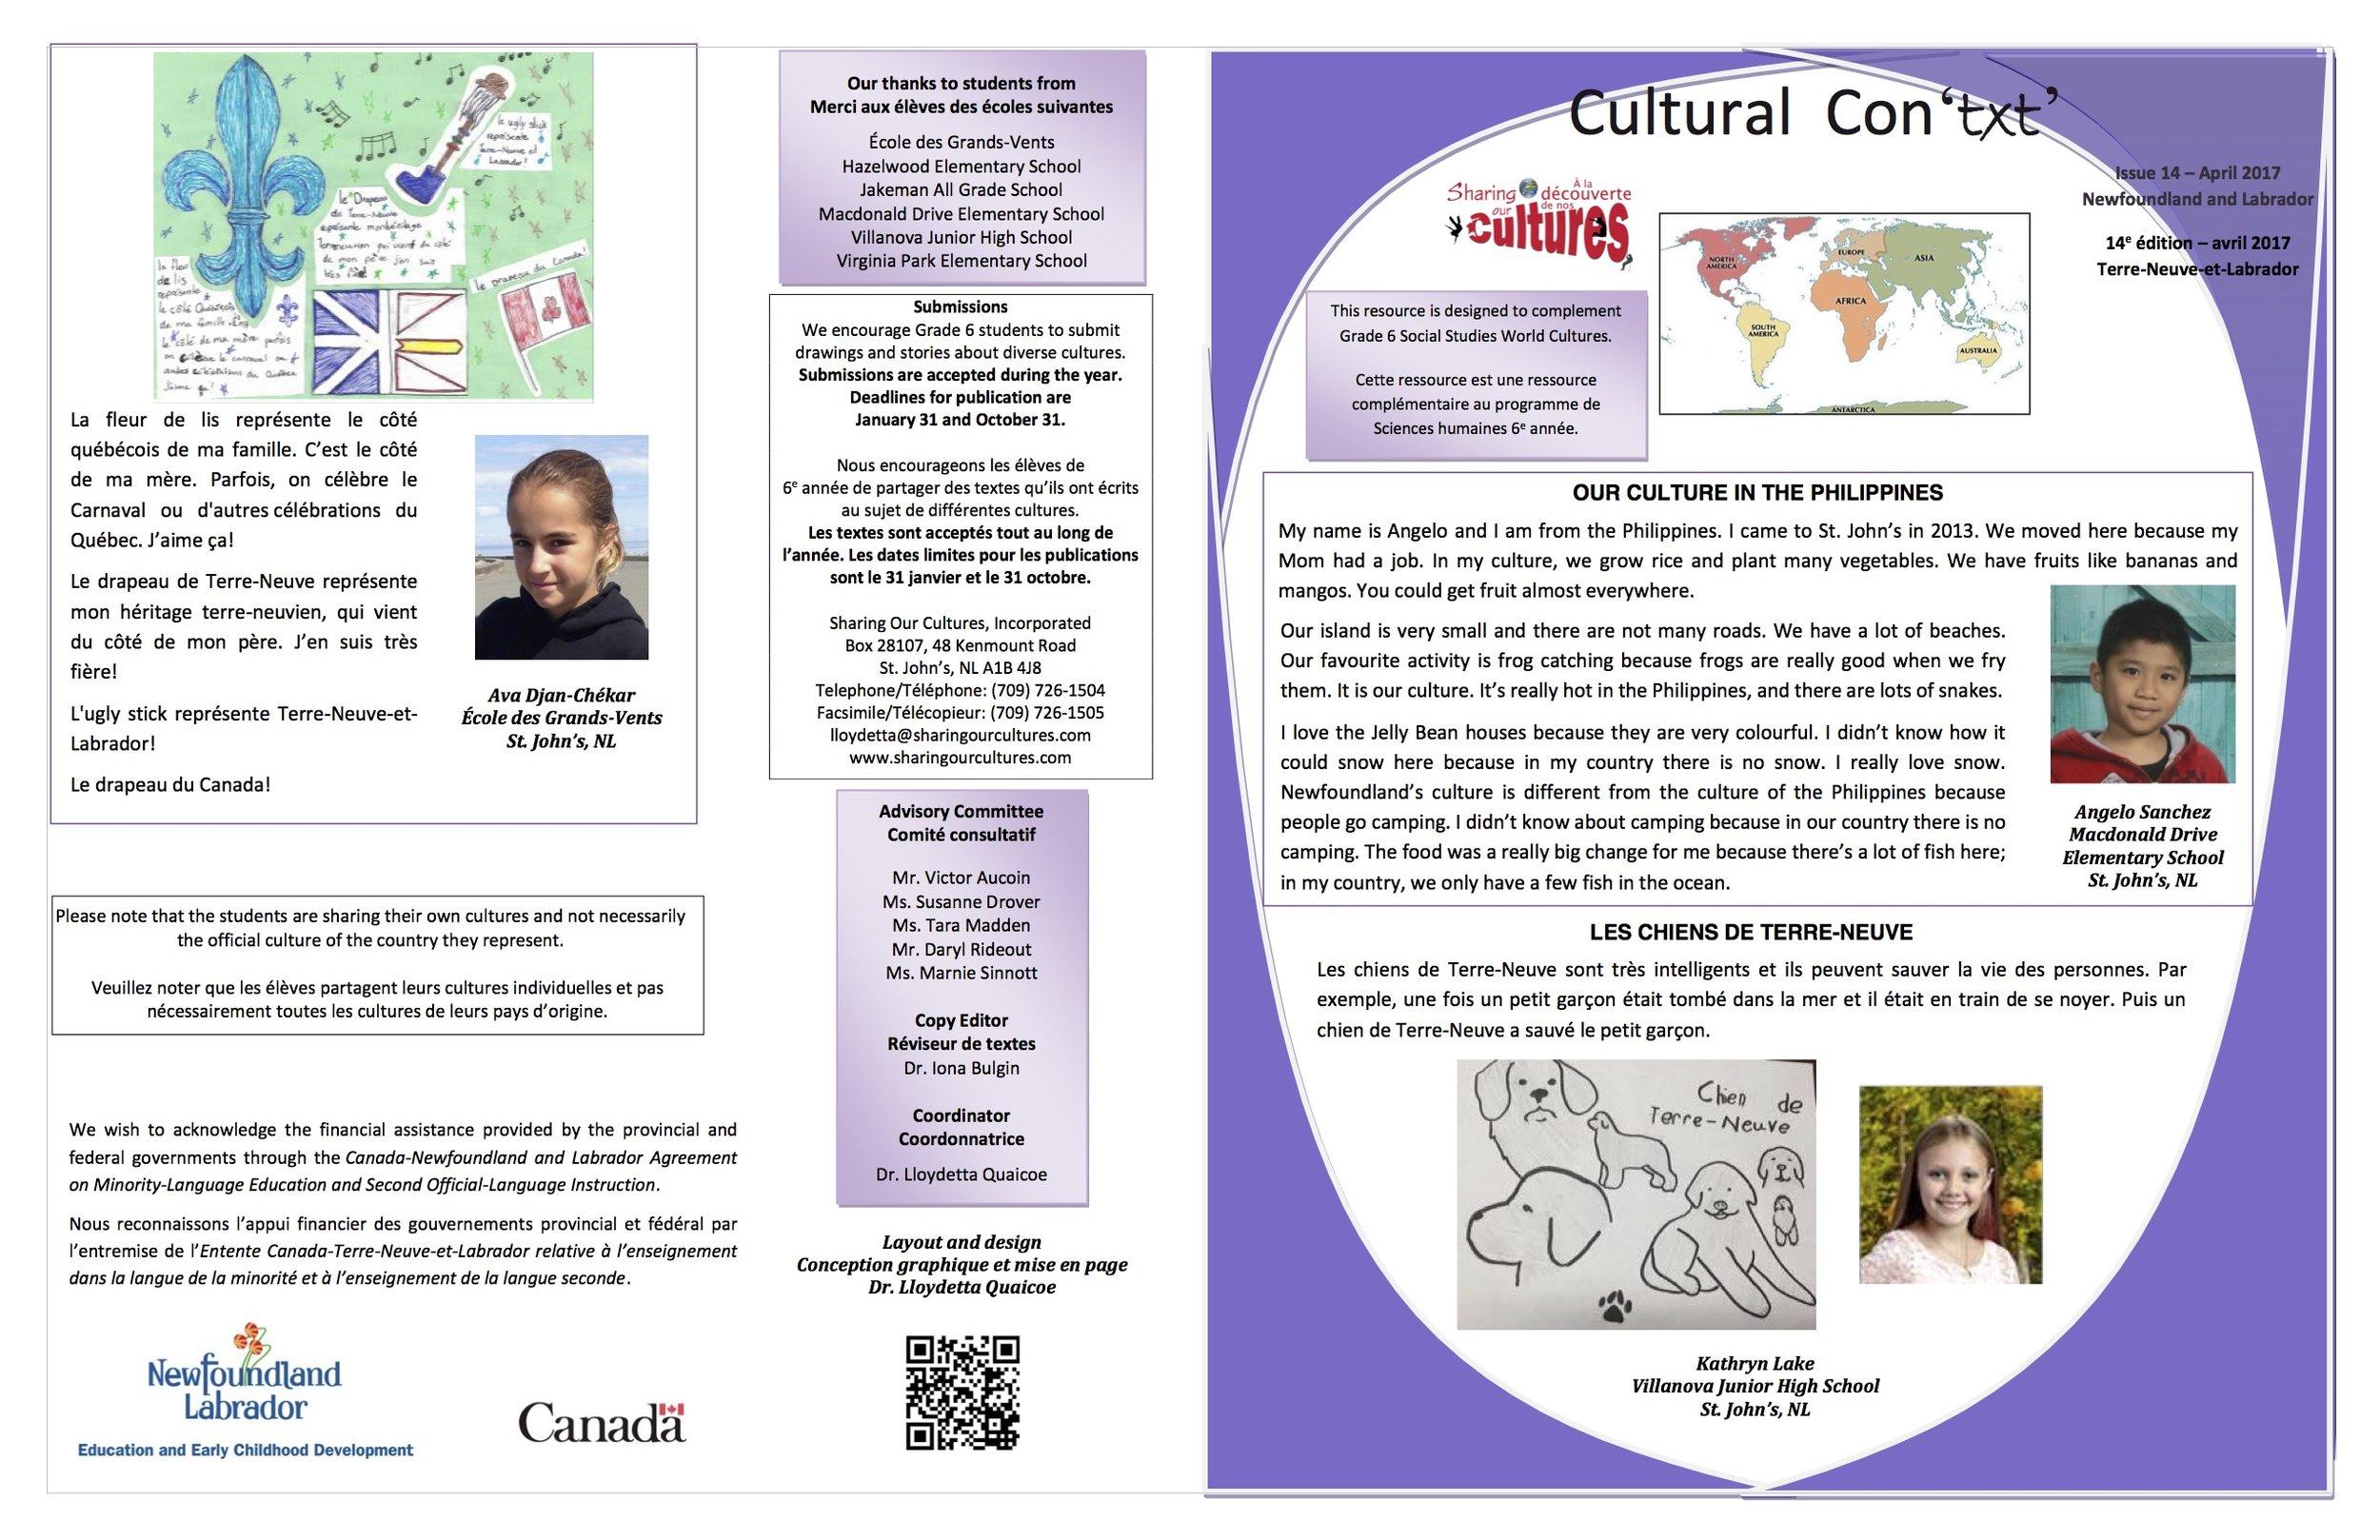 April 2017 SOC Cultural Contxt 1.jpg